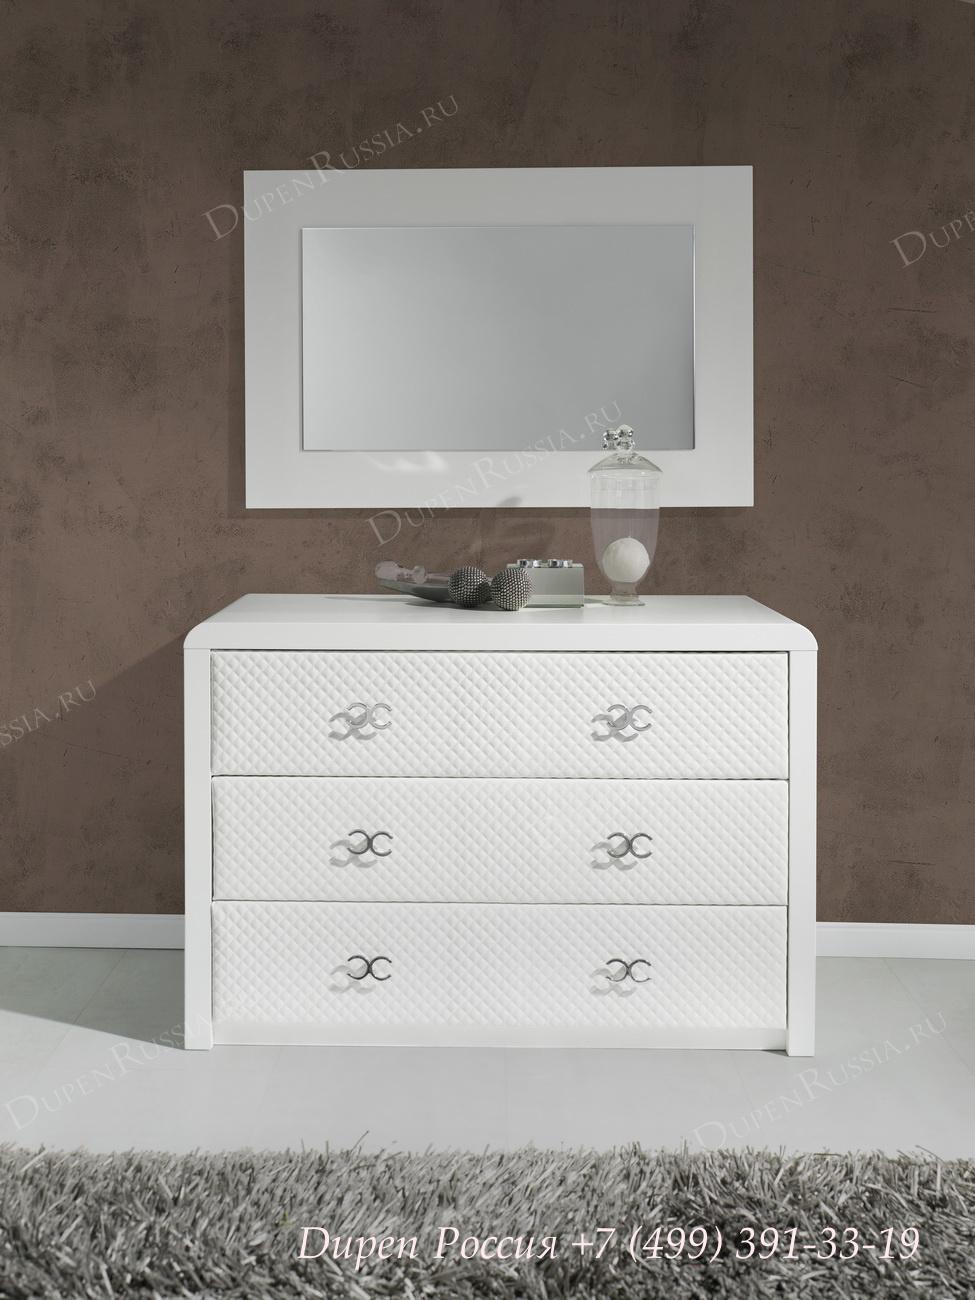 Комод горизонтальный DUPEN С-122 Белый, Зеркало DUPEN E-96 белое